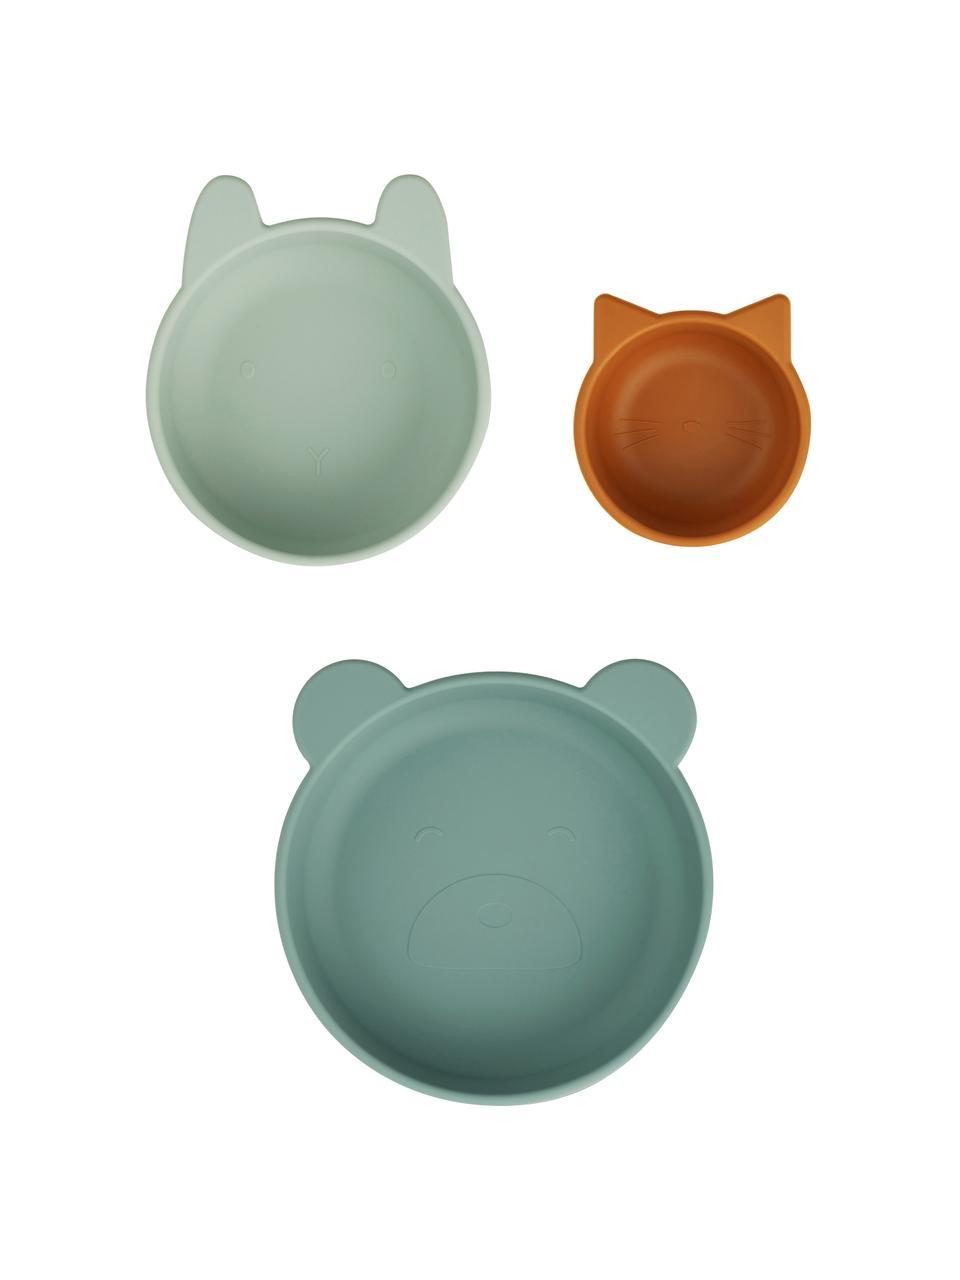 Schälchen-Set Eddie, 3-tlg., 100% Silikon, Grün, Pastellgrün, Orange, Set mit verschiedenen Größen